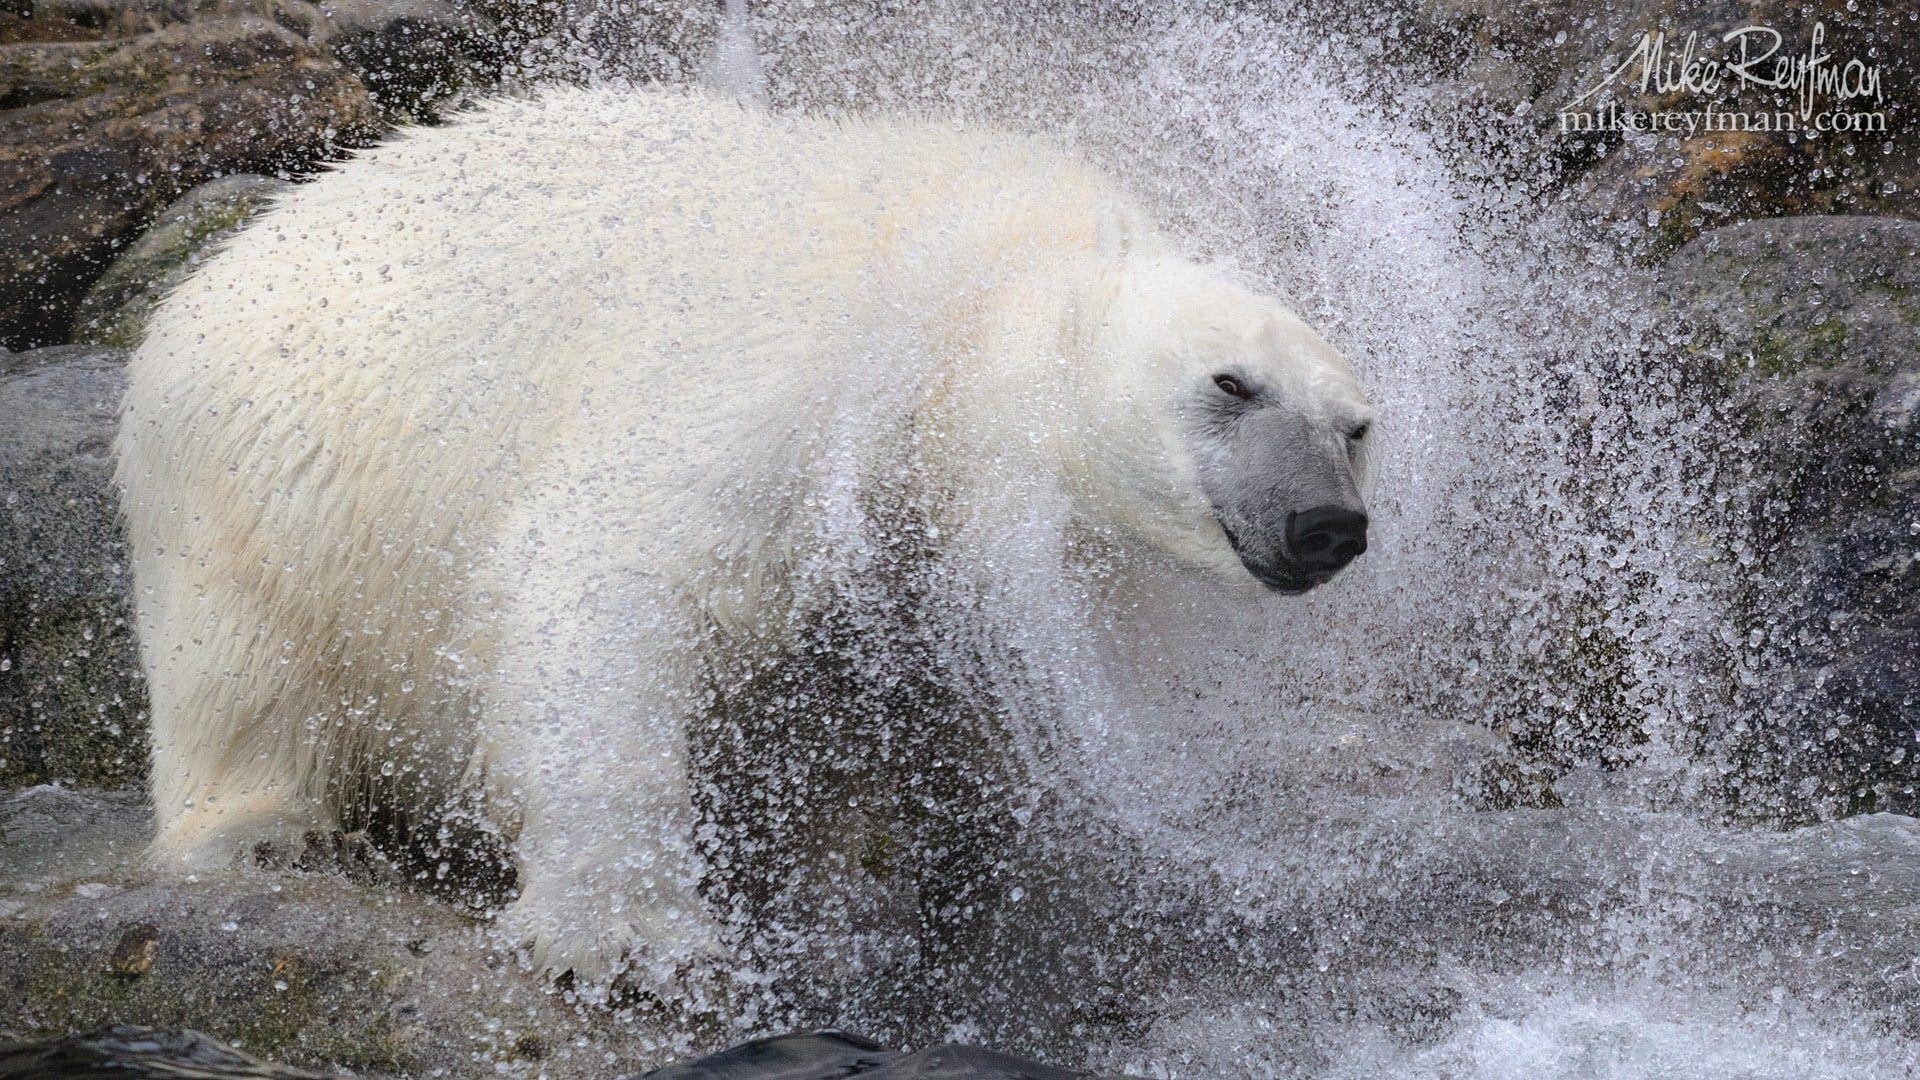 Wallpaper Et Fond D Ecran Ours Polaire Blanc Animals Animaux Sauvage Nature En 2020 Ours Polaire Fond D Ecran Ours Ours